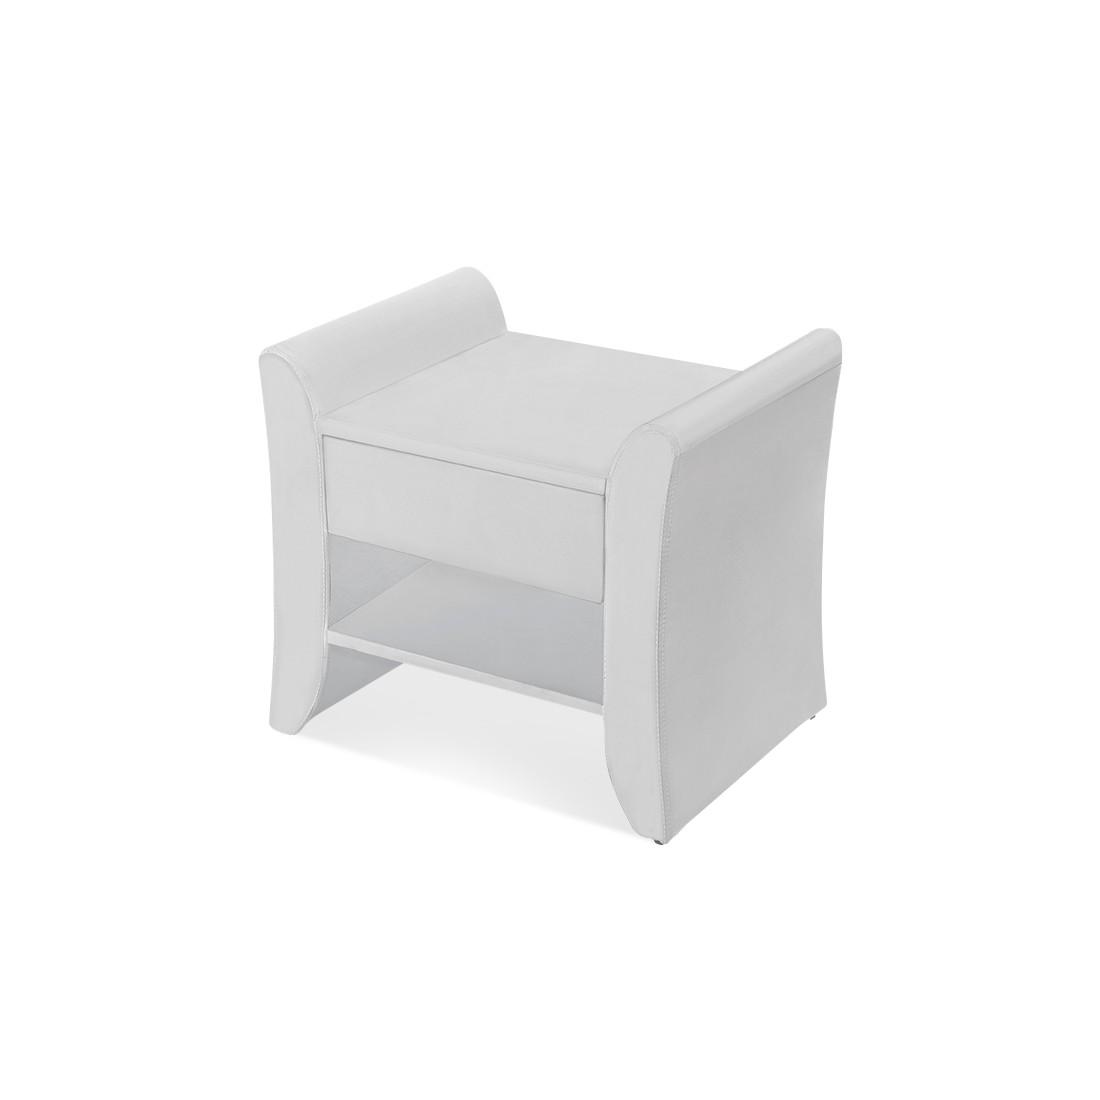 Table de chevet NOVA - Table de nuit - Design